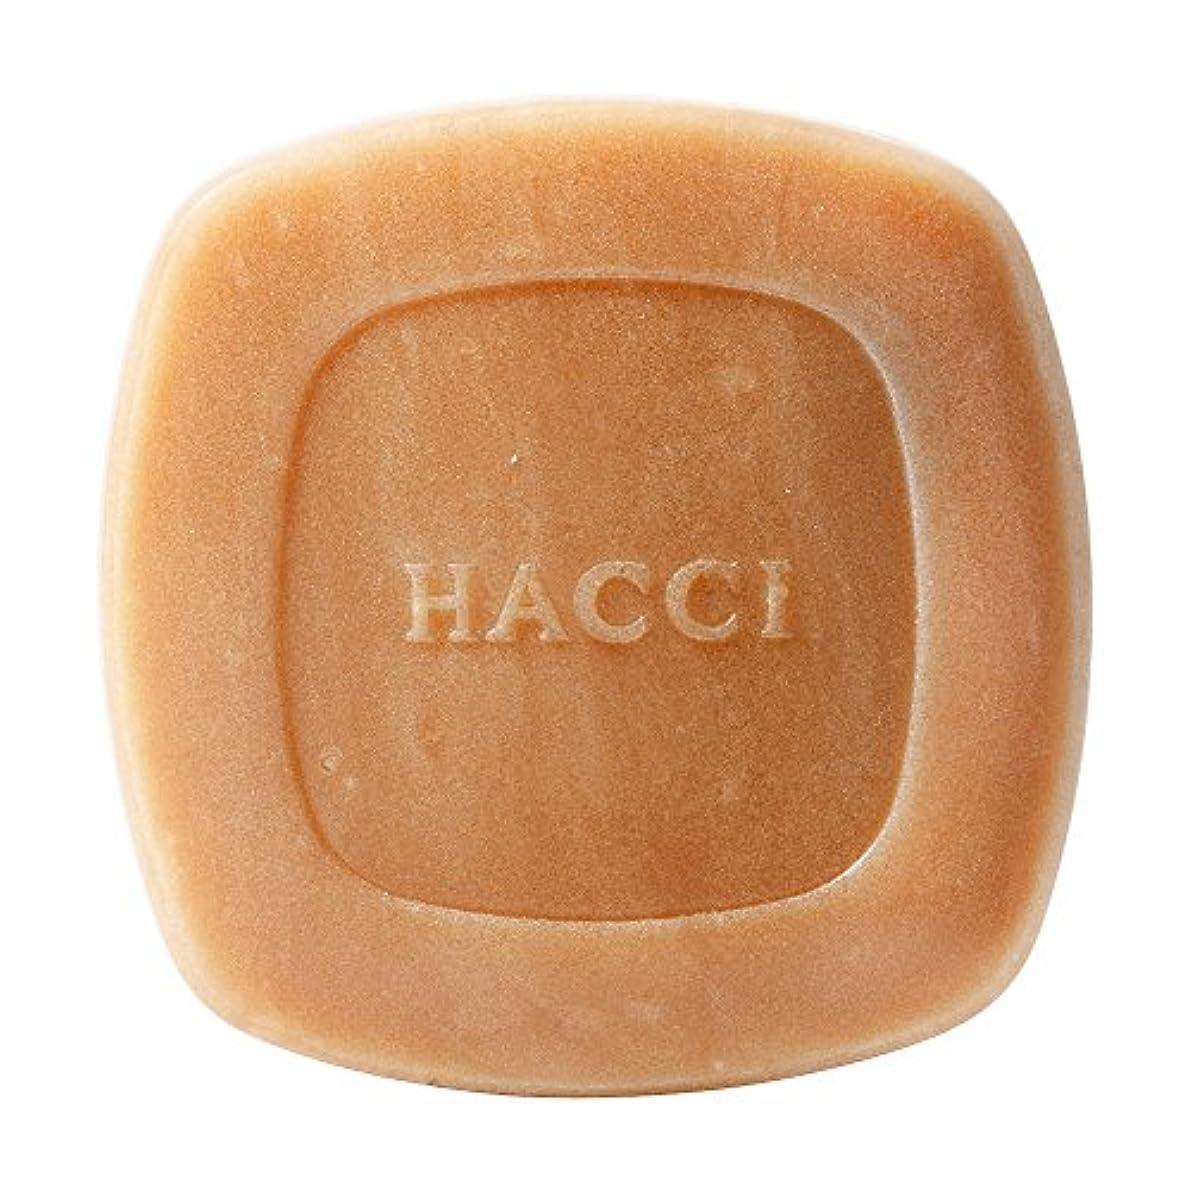 するだろう感じる切り離すHACCI 1912(ハッチ1912) はちみつ洗顔石けん 80g